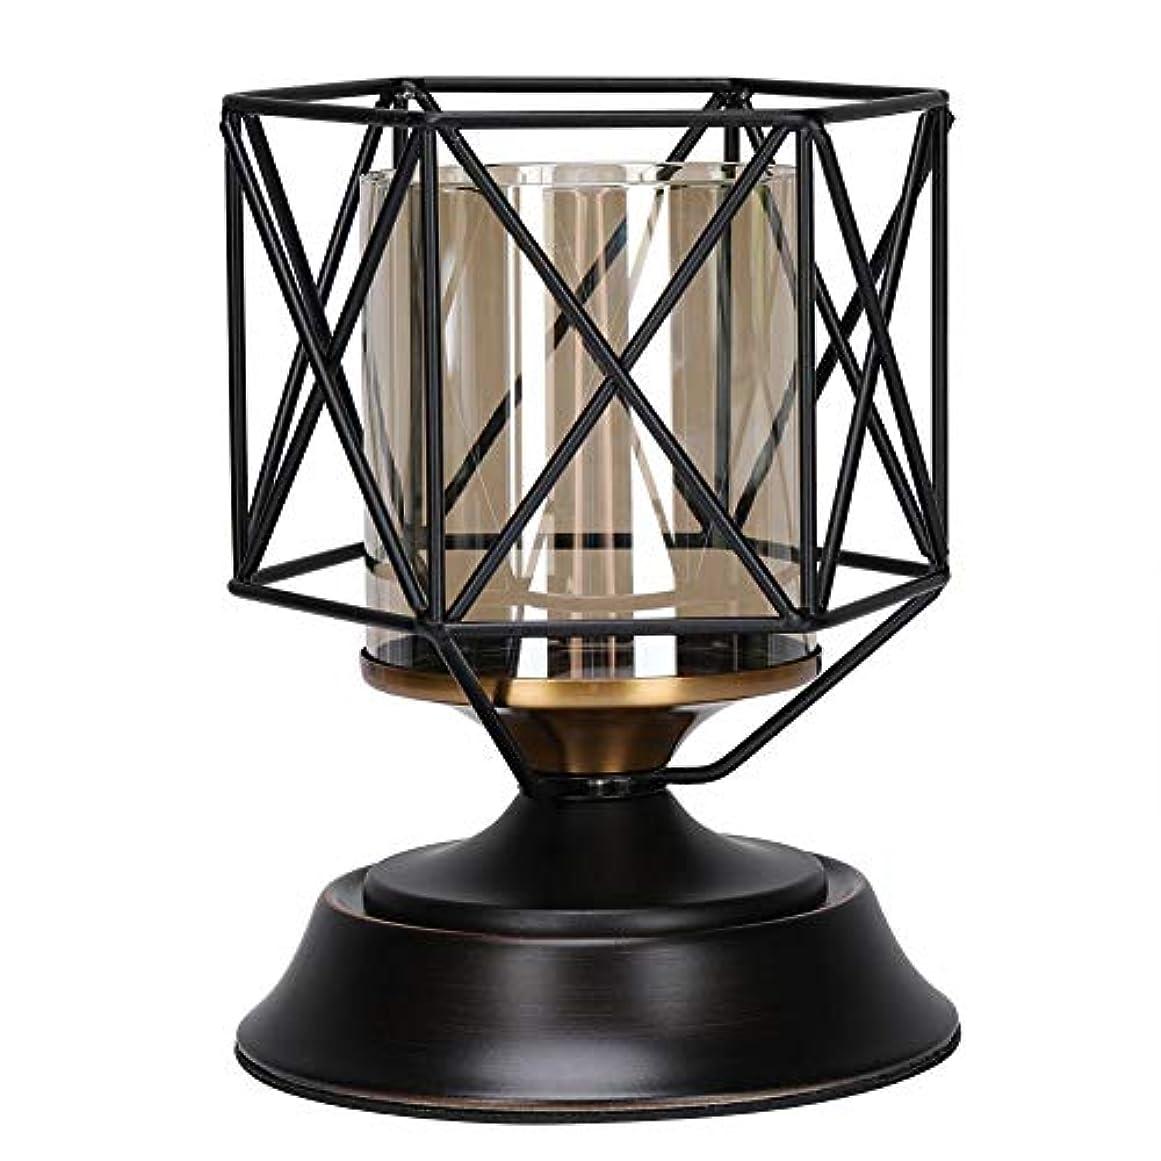 アッパー線恩恵アイアンローソク足、1ピーススタイリッシュな幾何学的アイアンローソク足飾りレトロキャンドルホルダーテーブルの装飾ギフト